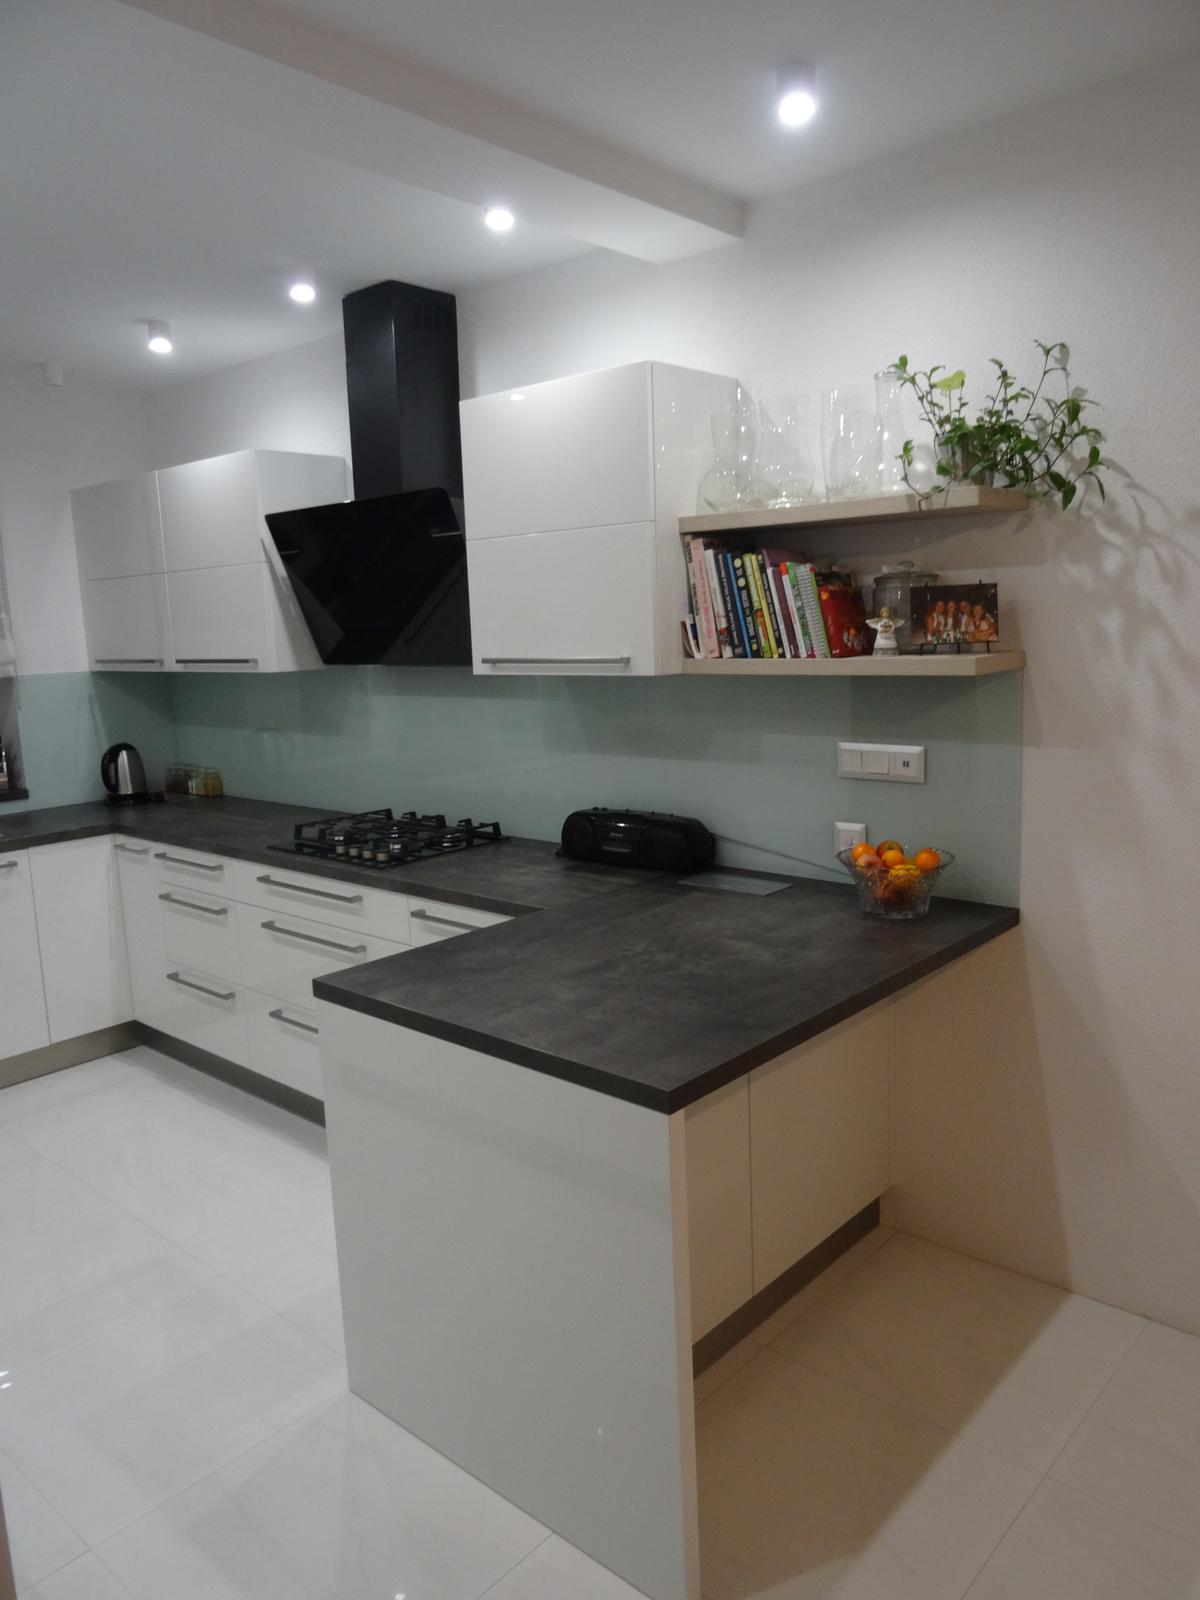 Realizované kuchyne-rodinný dom 2 - Realizácia kuchynskej linky do rodinného domu - Budča - akryl vysoký lesk -obr.3